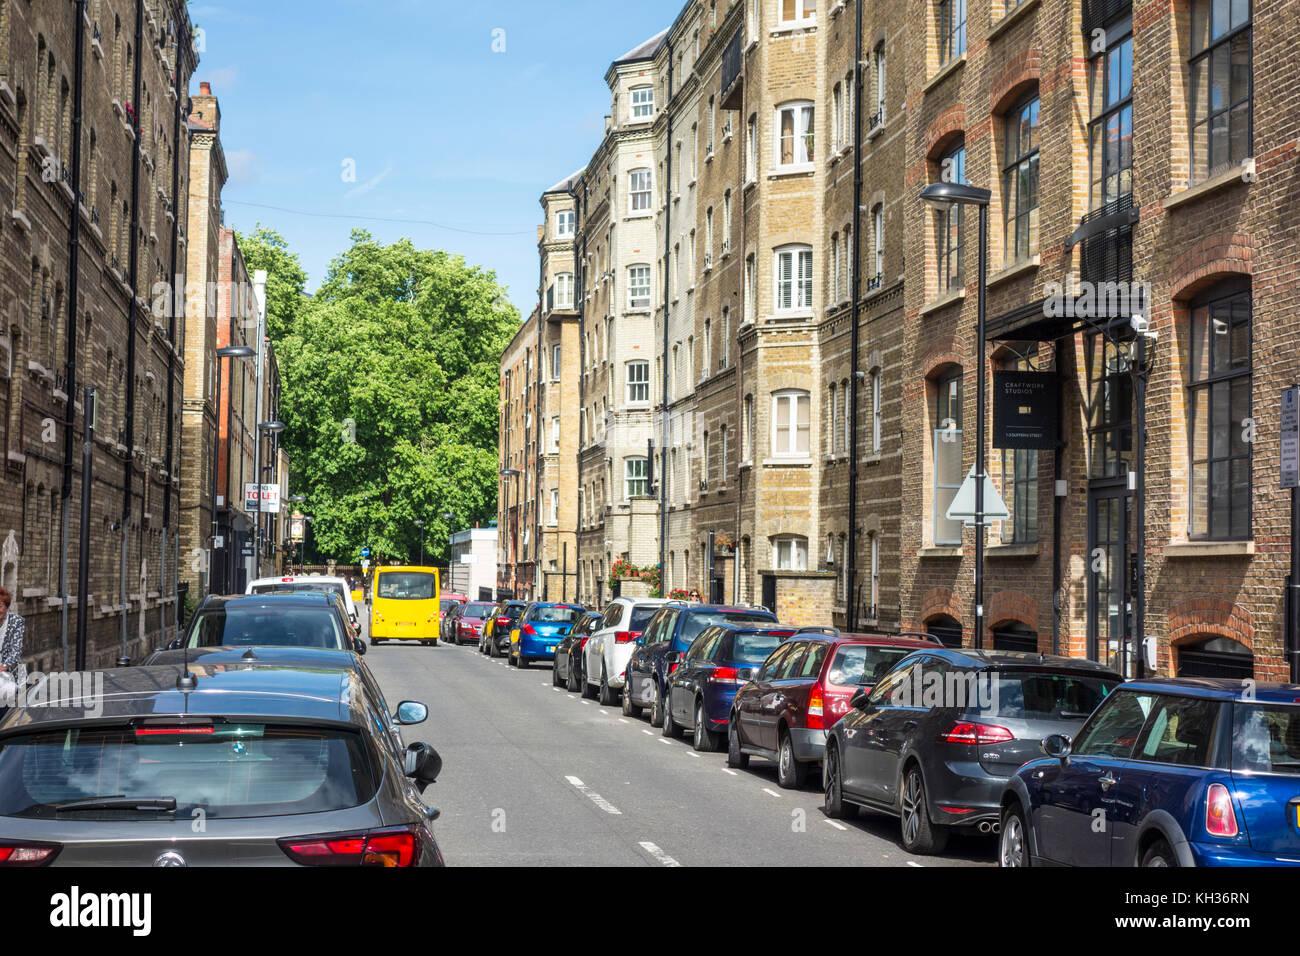 Vista de los automóviles estacionados en la calle Dufferin, Ciudad de Londres, Reino Unido Imagen De Stock